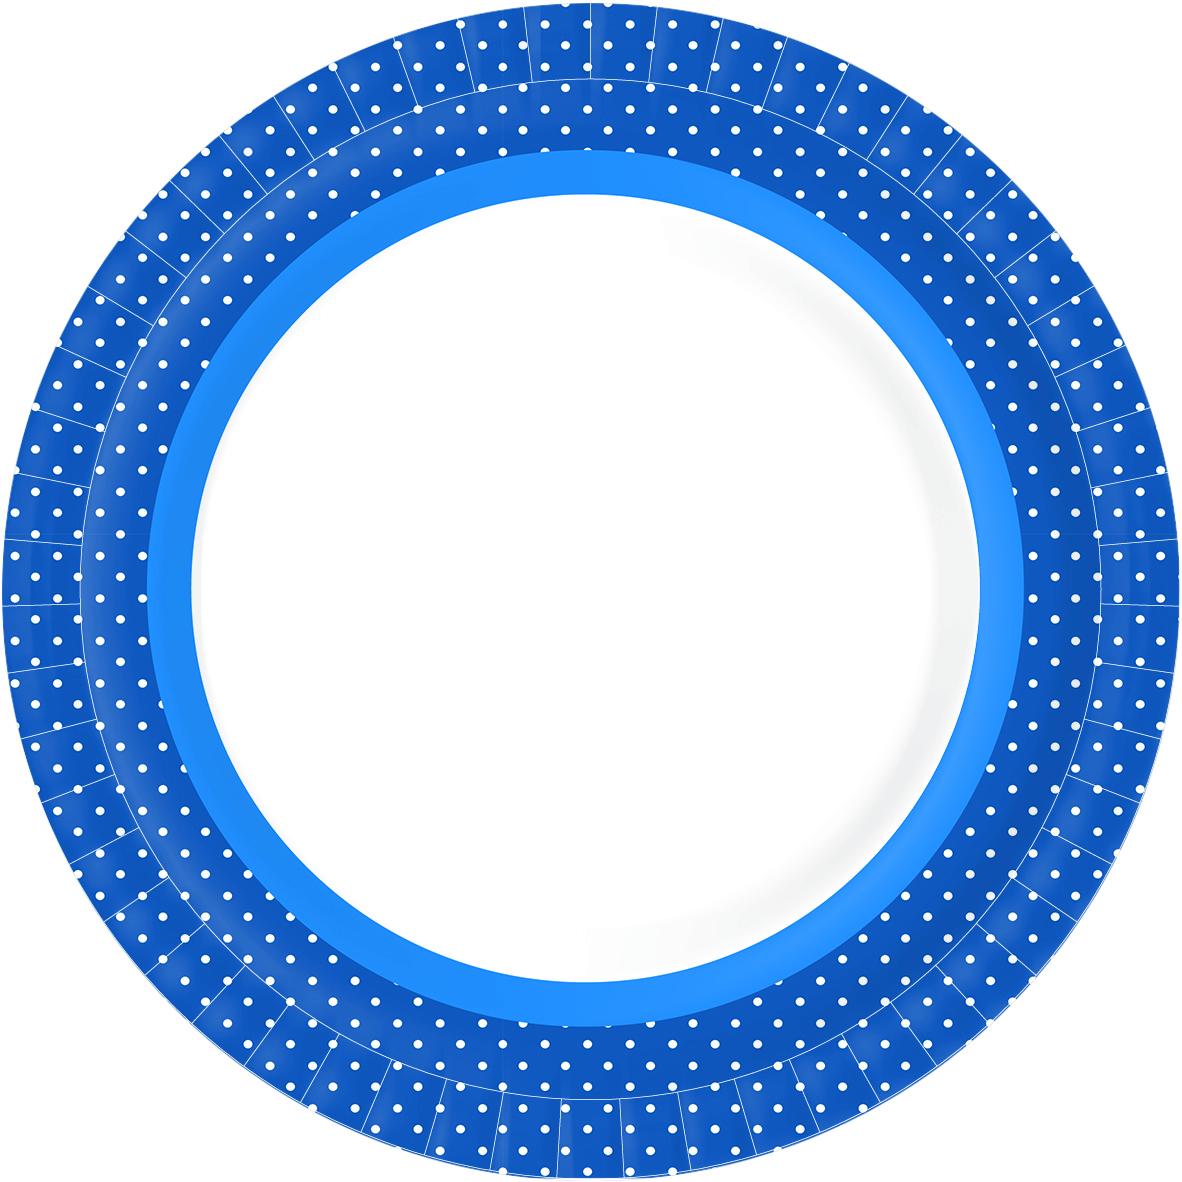 Набор тарелок Duni Bbq Blue Line, бумажные, 22 см , 10 шт173715Еда - одна из важнейших частей нашей жизни. Еда объединяет разных людей. Впечатляющая сервировка стола вдохновит любое застолье и превратит его в запоминающийся момент - для всех чувств, не только вкуса. Duni не только простой производитель салфеток, скатертей, свечек, чашек, тарелок и ножей с вилками. Duni - создатель атмосферы, вдохновения и сюрпризов - все это основные части обеда, ужина, вечеринки или незабываемого пикника. Используя современные инновации, скандинавский дизайн и опыт накопленный столетиями, мы сделаем вашу трапезу незабываемым праздником. Тарелки изготовлены из плотной бумаги. В комплект входят 10 тарелок Bbq Blue Line. Диаметр: 22 см.